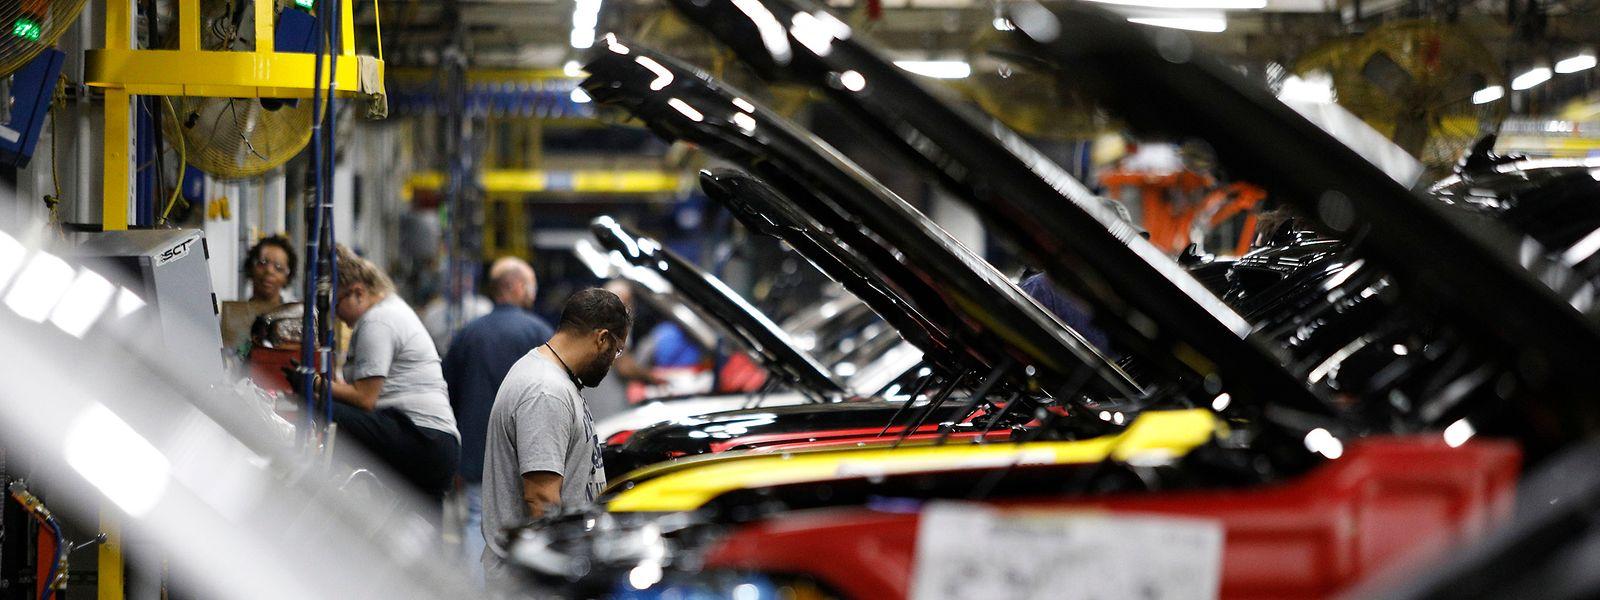 L'économie allemande souffre de la guerre commerciale entre Chine et Etats-Unis.